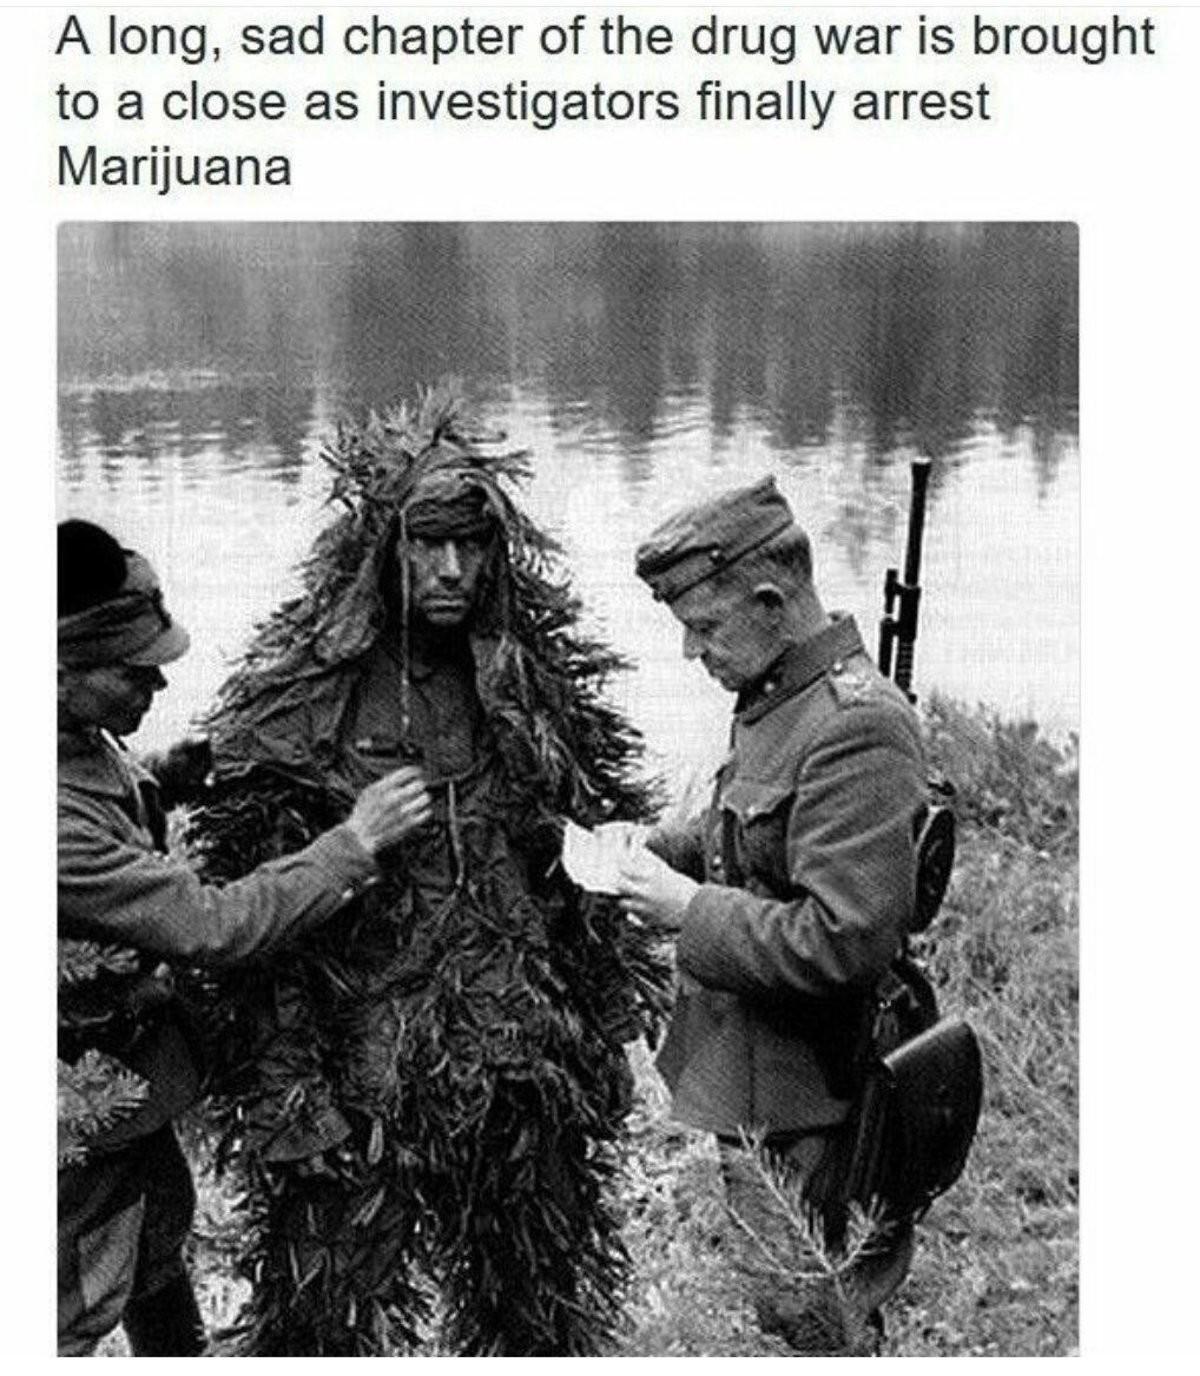 No more weed. .. OH NO! No more weed OH NO!